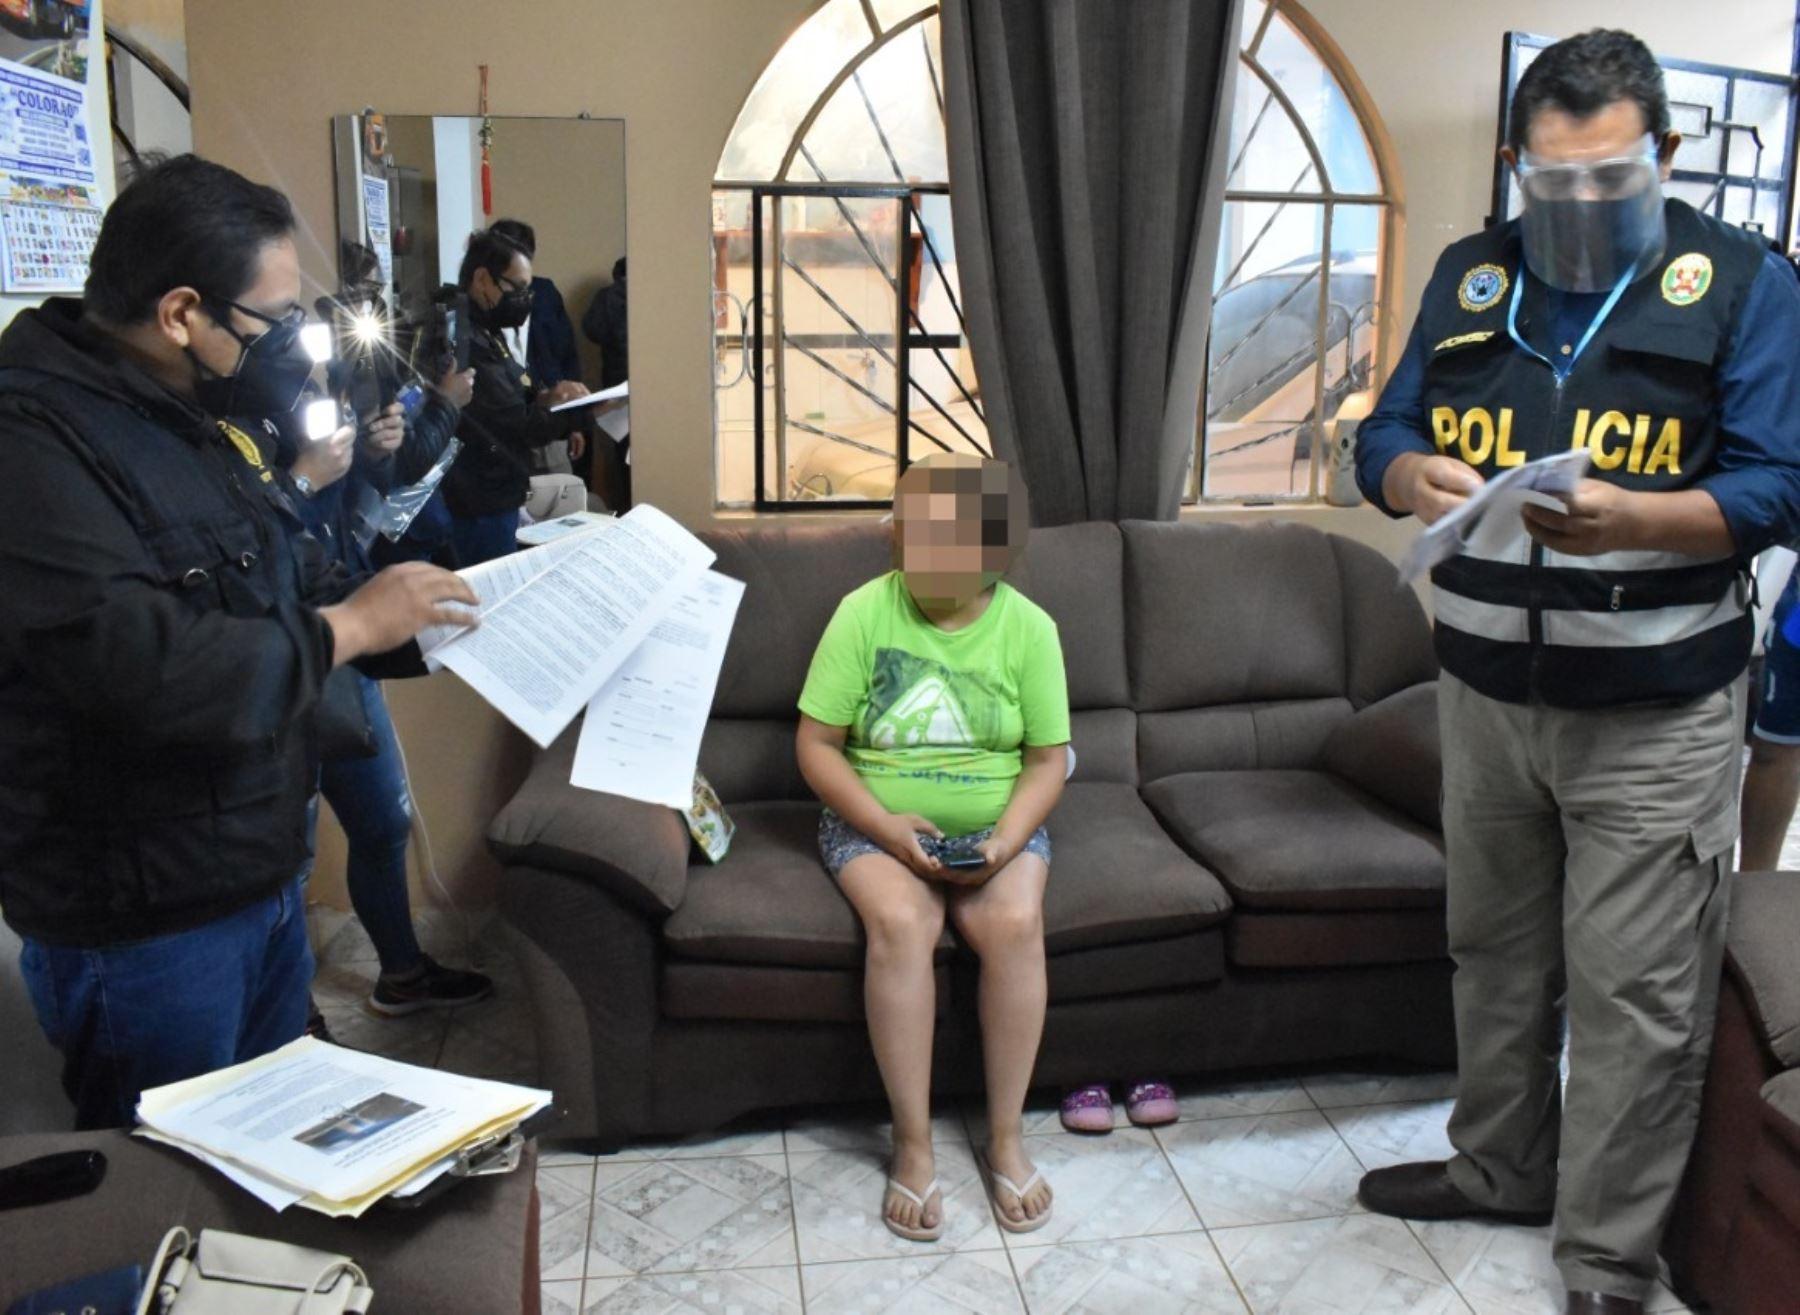 Fiscalía ejecuta megaoperativo anticorrupción en provincia limeña de Huaura e interviene diversas viviendas vinculadas a funcionarios y proveedores de la Municipalidad de Huaura. ANDINA/Difusión